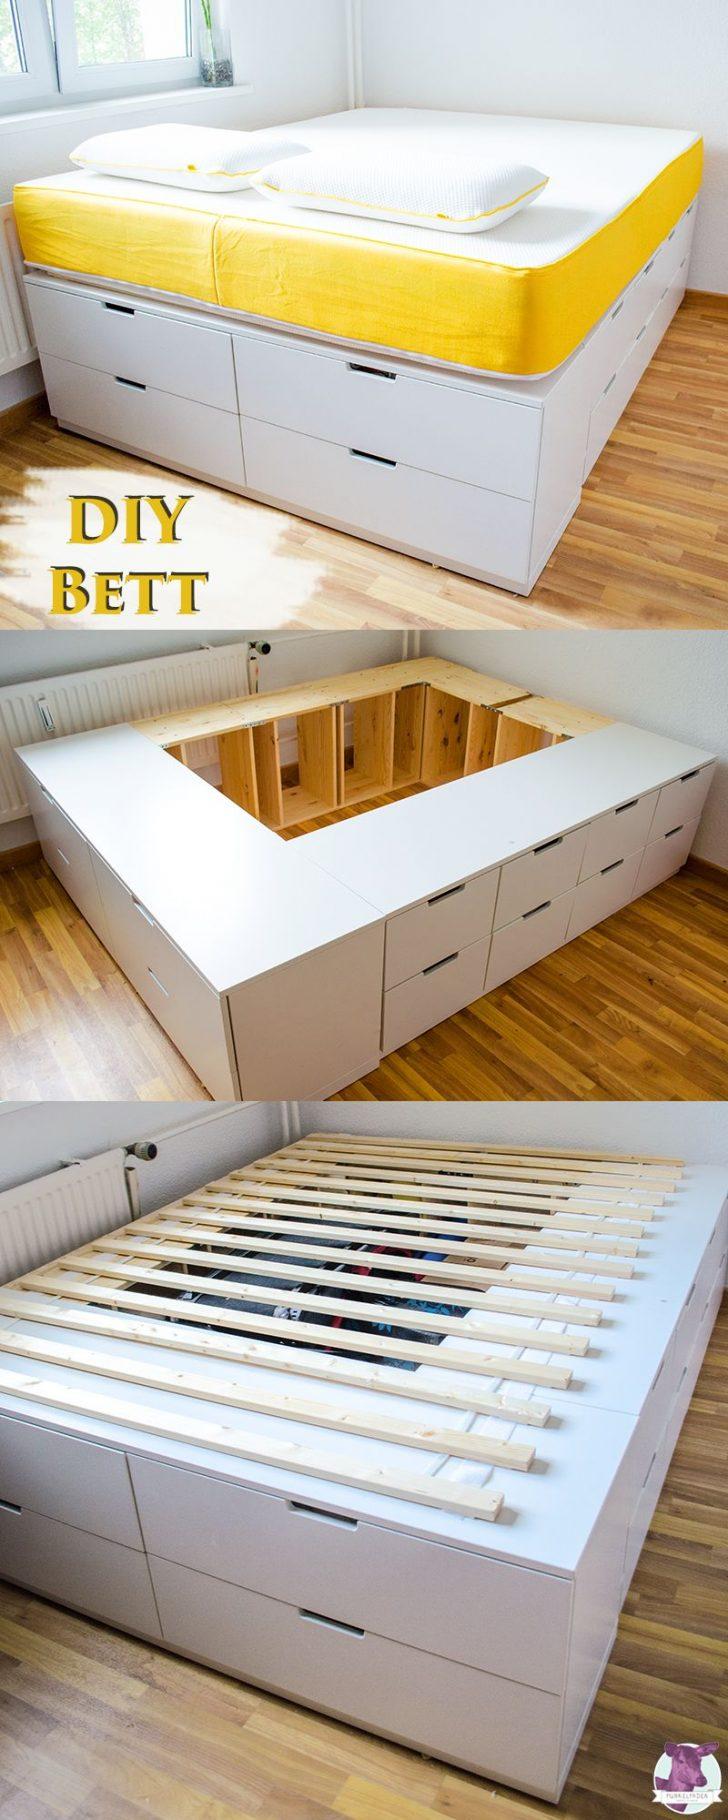 Medium Size of Diy Ikea Hack Plattform Bett Selber Bauen Aus Kommoden Hasena Betten 160x200 Küche Sideboard Mit Arbeitsplatte Kopfteile Für Paradies Innocent Bonprix Bett Betten Bei Ikea